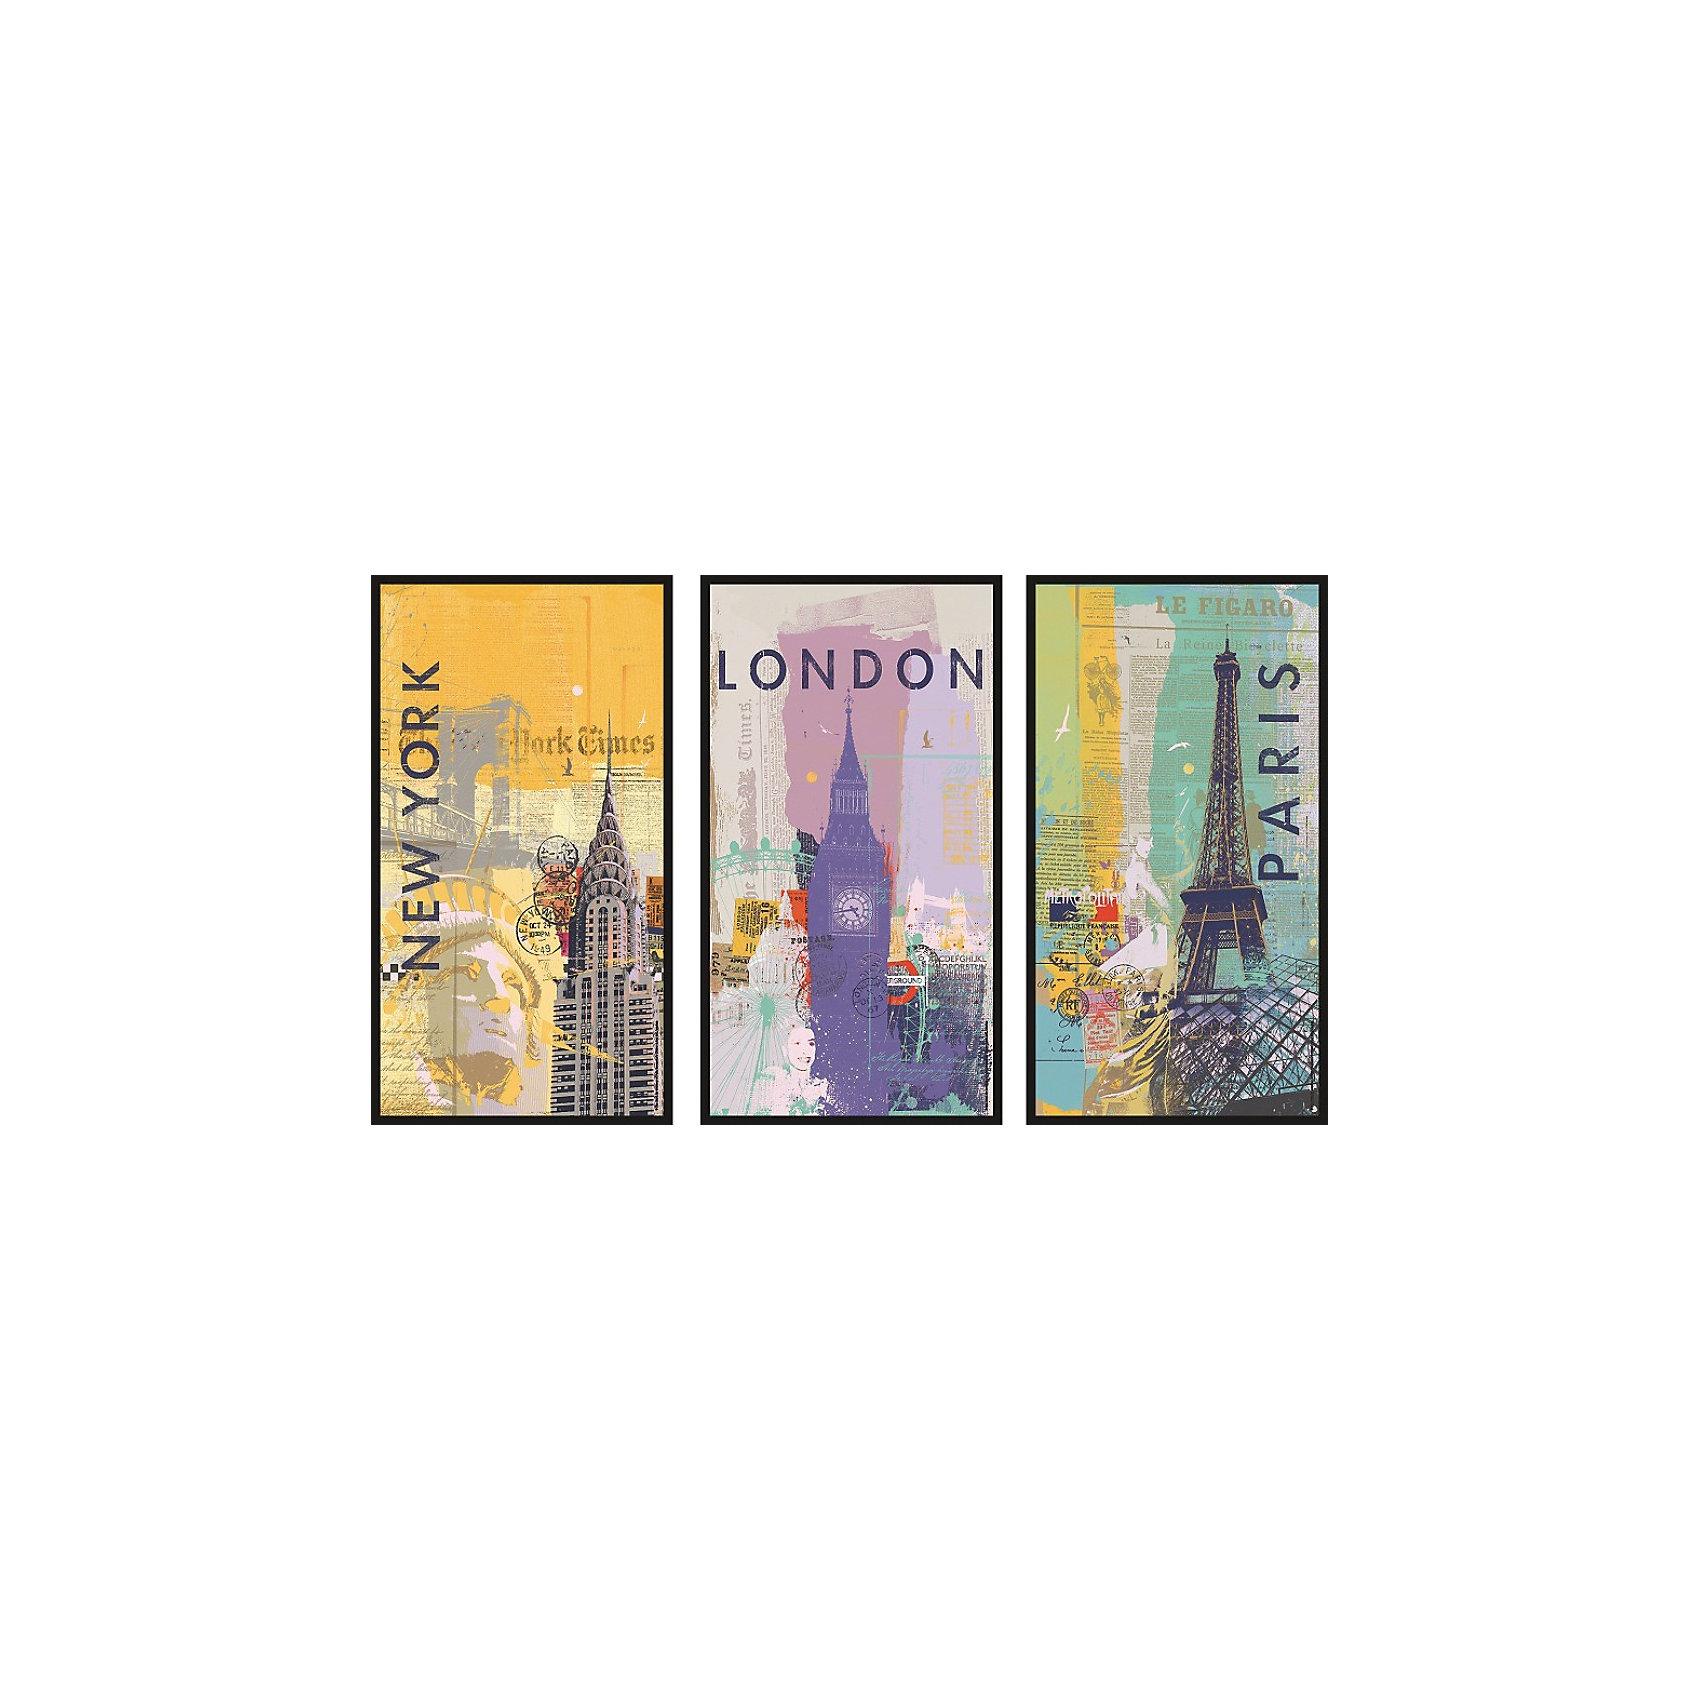 Пазл «Путешествие по миру» 3х500 деталей, RavensburgerПазлы до 500 деталей<br>Пазл «Путешествие по миру» 3х500 деталей, Ravensburger (Равенсбургер) – это великолепный подарок, как для ребенка, так и для взрослого.<br>Большой увлекательный пазл-триптих «Путешествие по миру» Ravensburger объединит всю семью за интересным занятием, отвлечет от повседневных дел, обучит терпению и внимательности. Пазл состоит из трех независимых частей. Пазлы Ravensburger – это не только яркие, интересные изображения, но и высочайшее качество продукции. Каждый пазл фирмы Ravensburger изготовлен и упакован с большой тщательностью. Особенности пазлов  Ravensburger: отсутствие двух одинаковых деталей; части пазла идеально соединяются; матовая поверхность исключает неприятные отблески; прочные детали не ломаются; изготовлены из экологического сырья.<br><br>Дополнительная информация:<br><br>- Количество деталей: 3 пазла по 500 деталей<br>- Размер картинки: 33х60 см.<br>- Материал: картон<br>- Размер коробки: 37 x 5,5 х 27 см.<br><br>Пазл «Путешествие по миру» 3х500 деталей, Ravensburger (Равенсбургер) можно купить в нашем интернет-магазине.<br><br>Ширина мм: 370<br>Глубина мм: 55<br>Высота мм: 270<br>Вес г: 1106<br>Возраст от месяцев: 120<br>Возраст до месяцев: 216<br>Пол: Унисекс<br>Возраст: Детский<br>Количество деталей: 500<br>SKU: 3894995